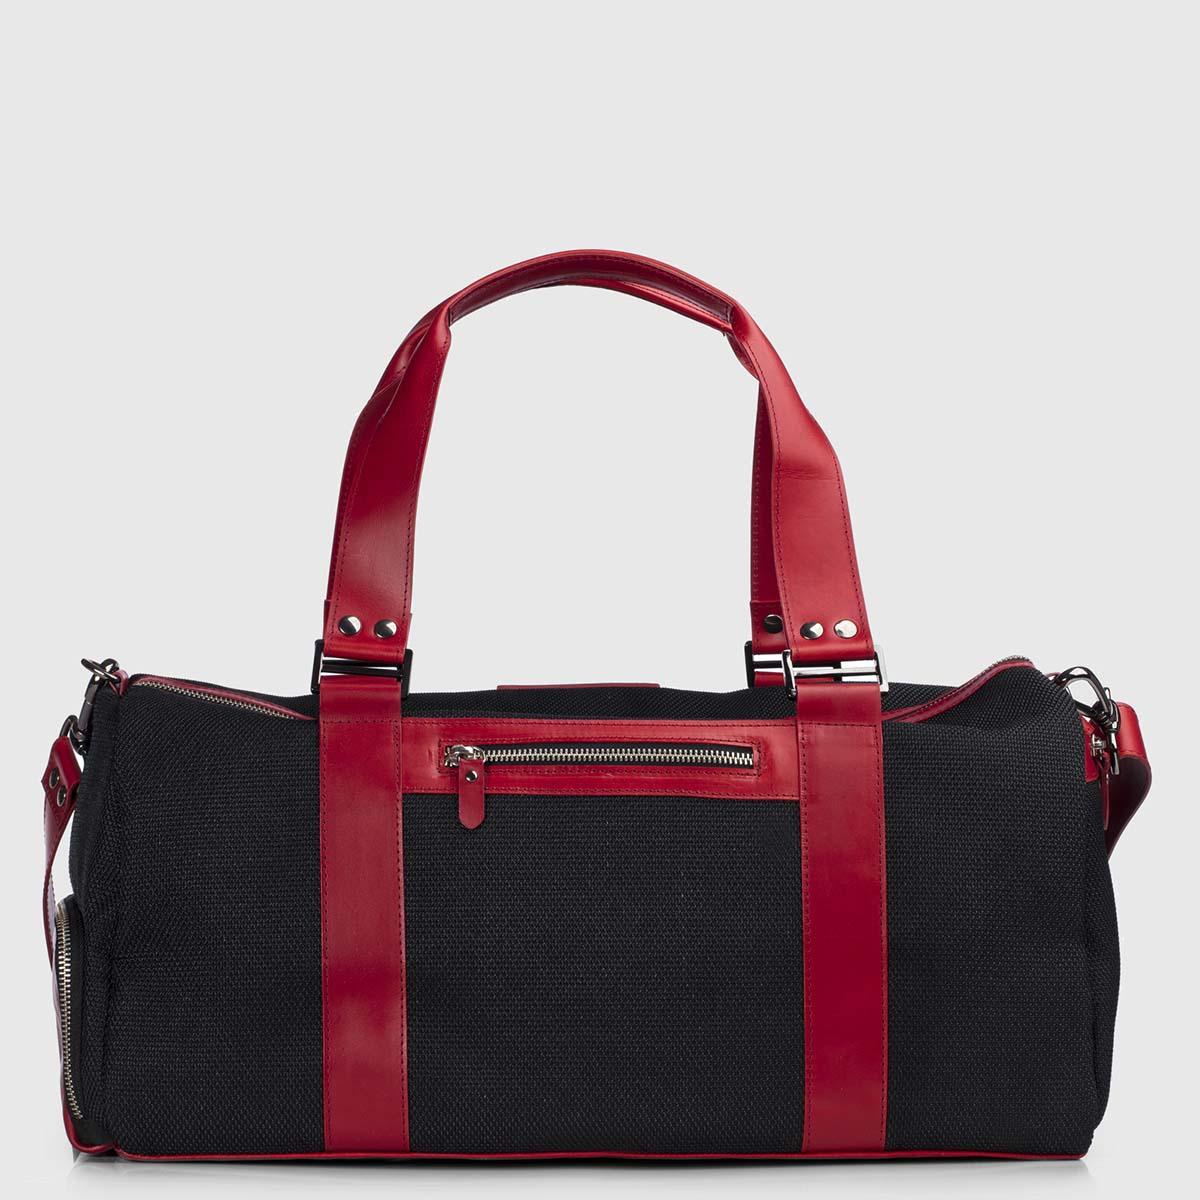 Black echo & Bordeaux Vanguard Leather Duffle-bag